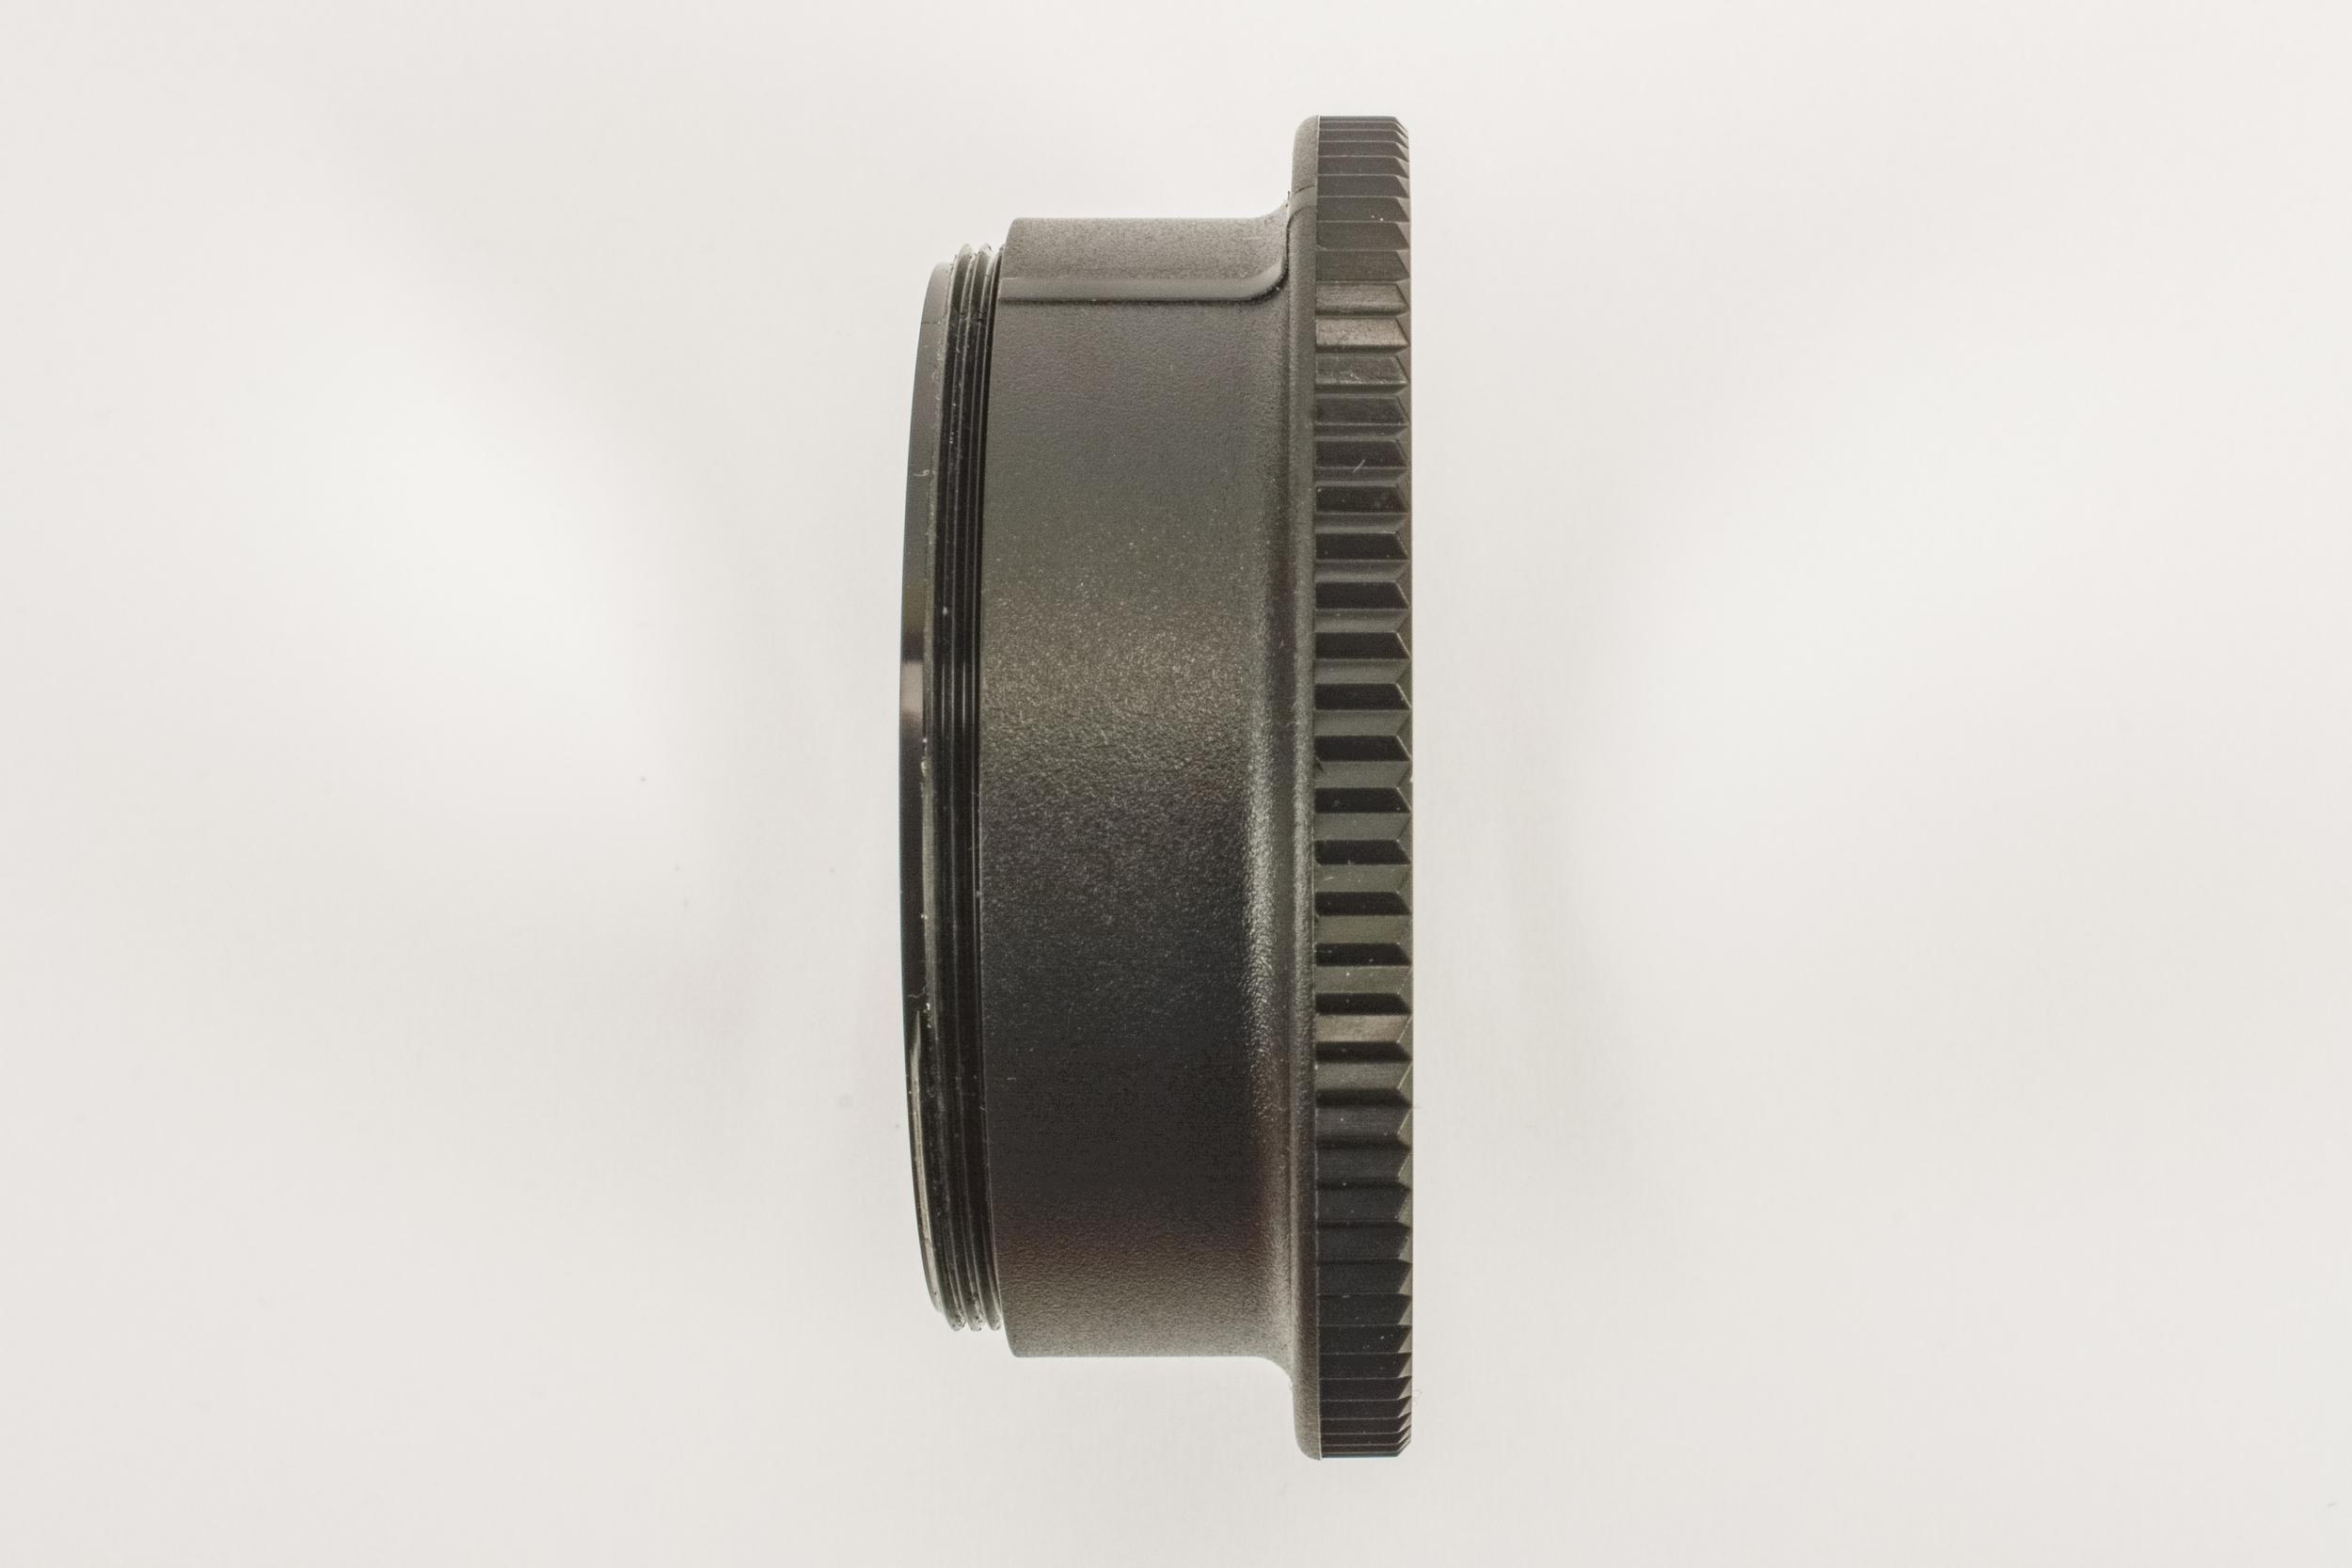 Raynox DCR-250 43mm Male Thread (49mm Female filter thread)